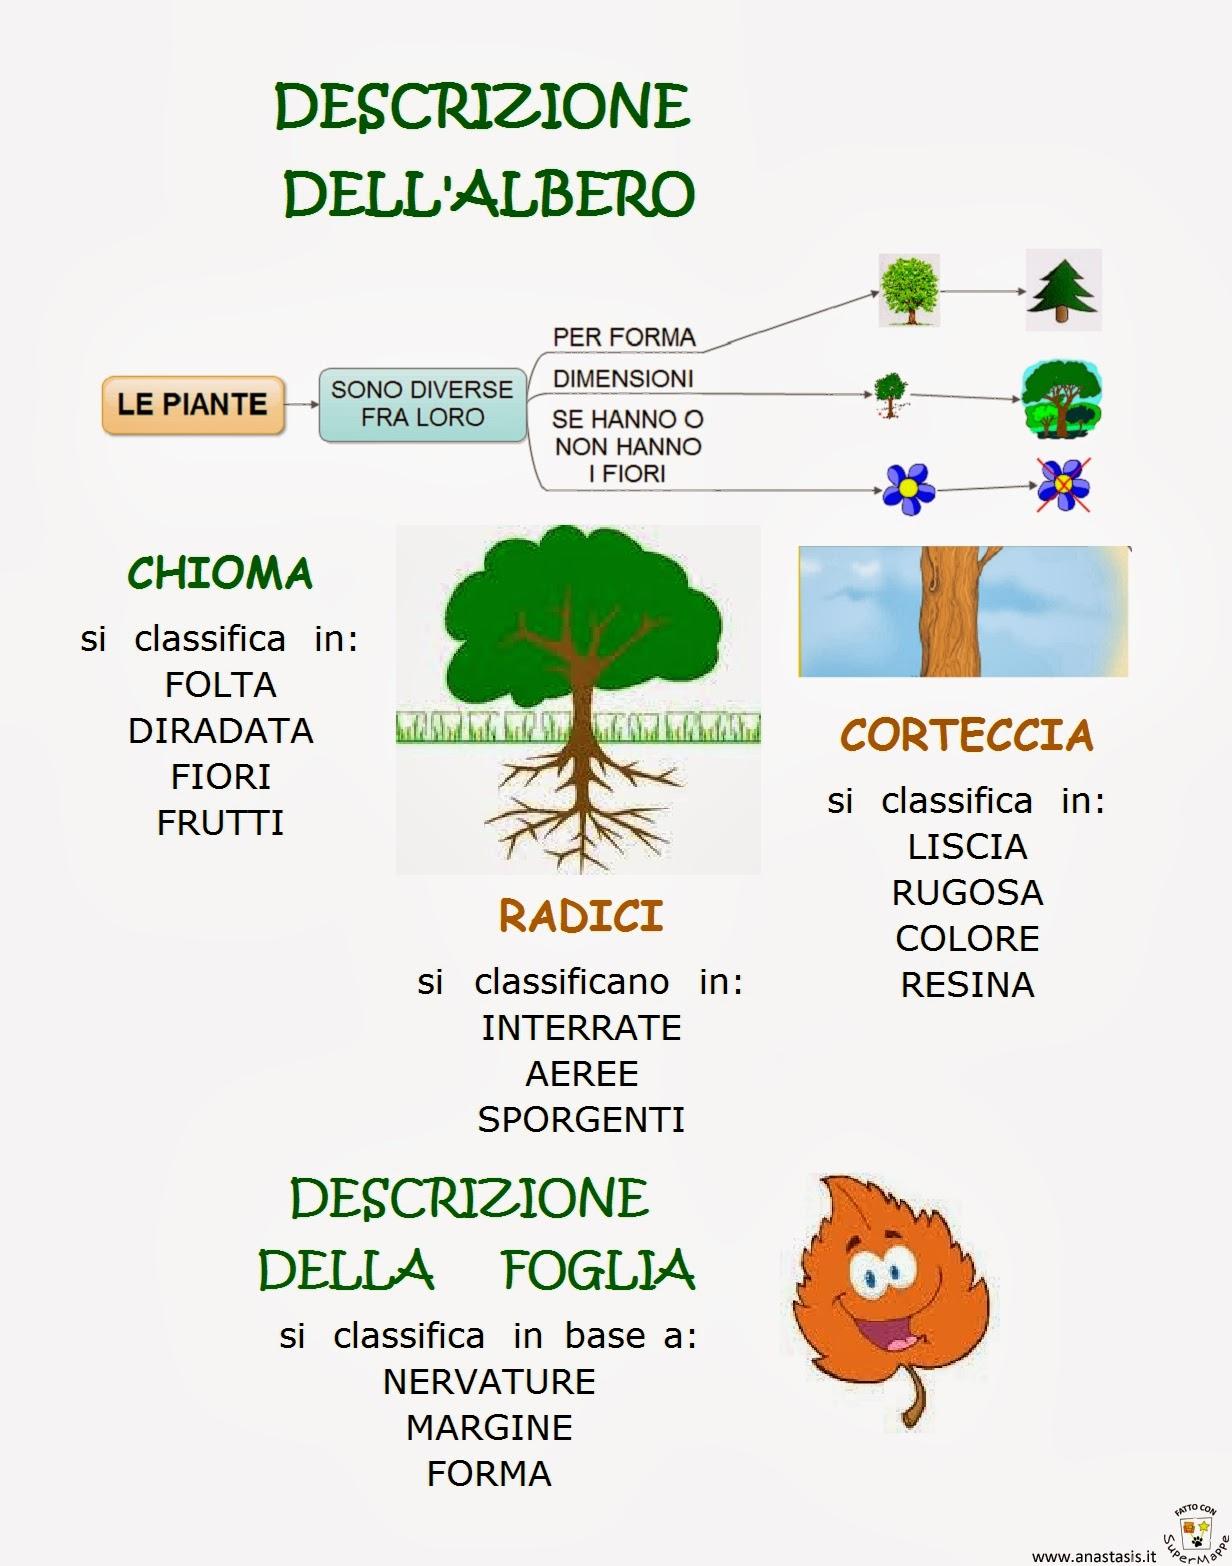 Paradiso delle mappe descrizione albero e foglie - Modello di foglia per bambini ...